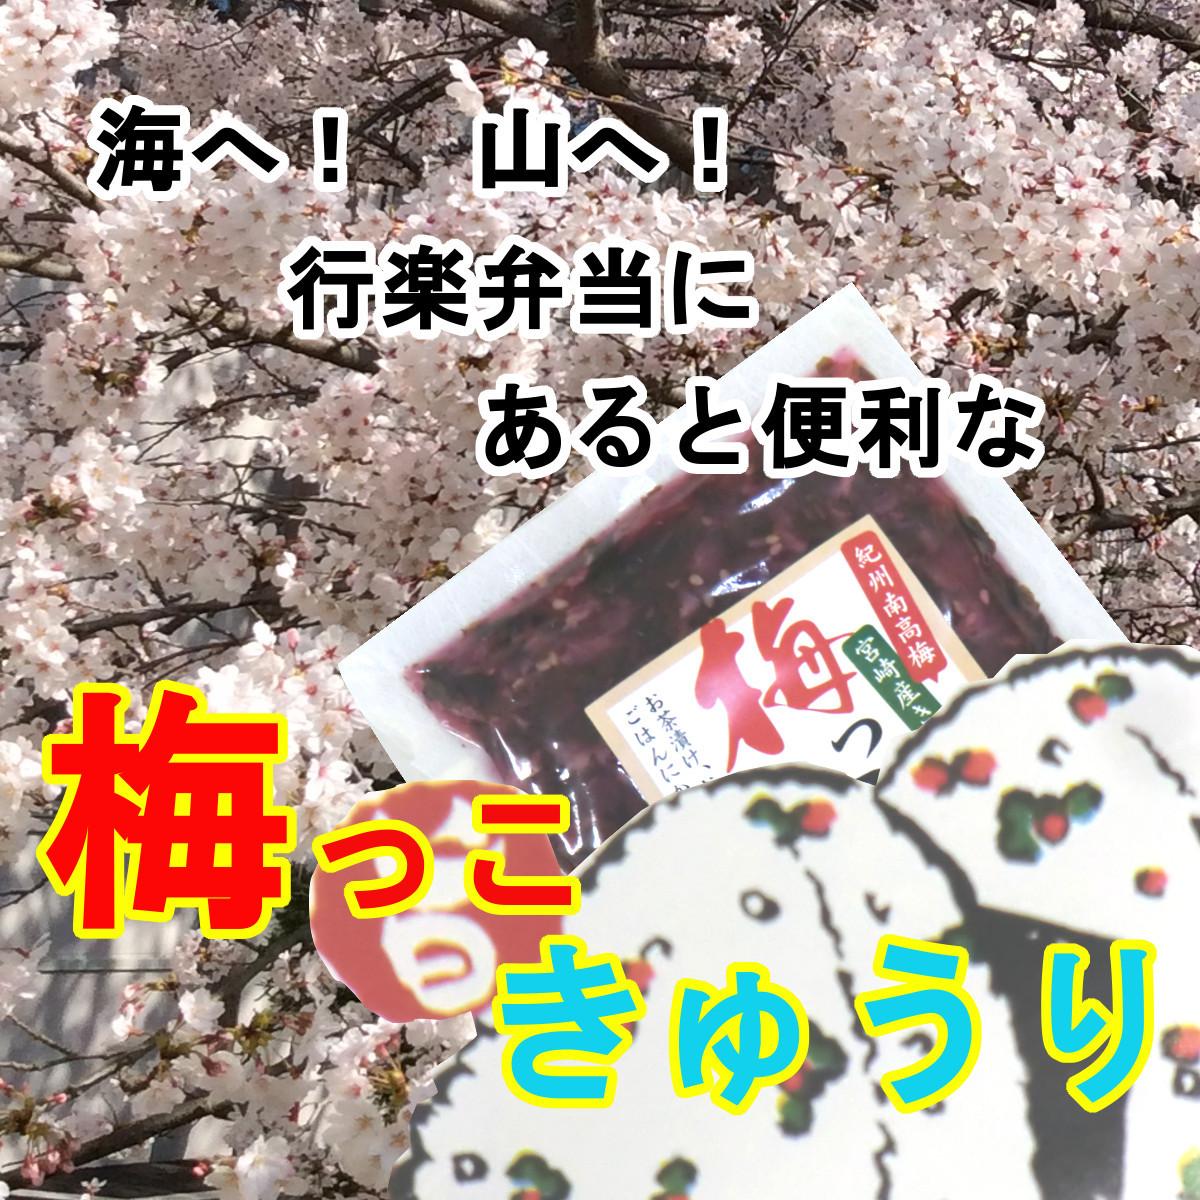 梅っこきゅうり 20袋 送料無料 宮崎のきゅうりと紀州南高梅のコラボ ご飯のお供 行楽弁当 ,おにぎり,混ぜご飯,お茶漬けの具に,おかずに_画像3